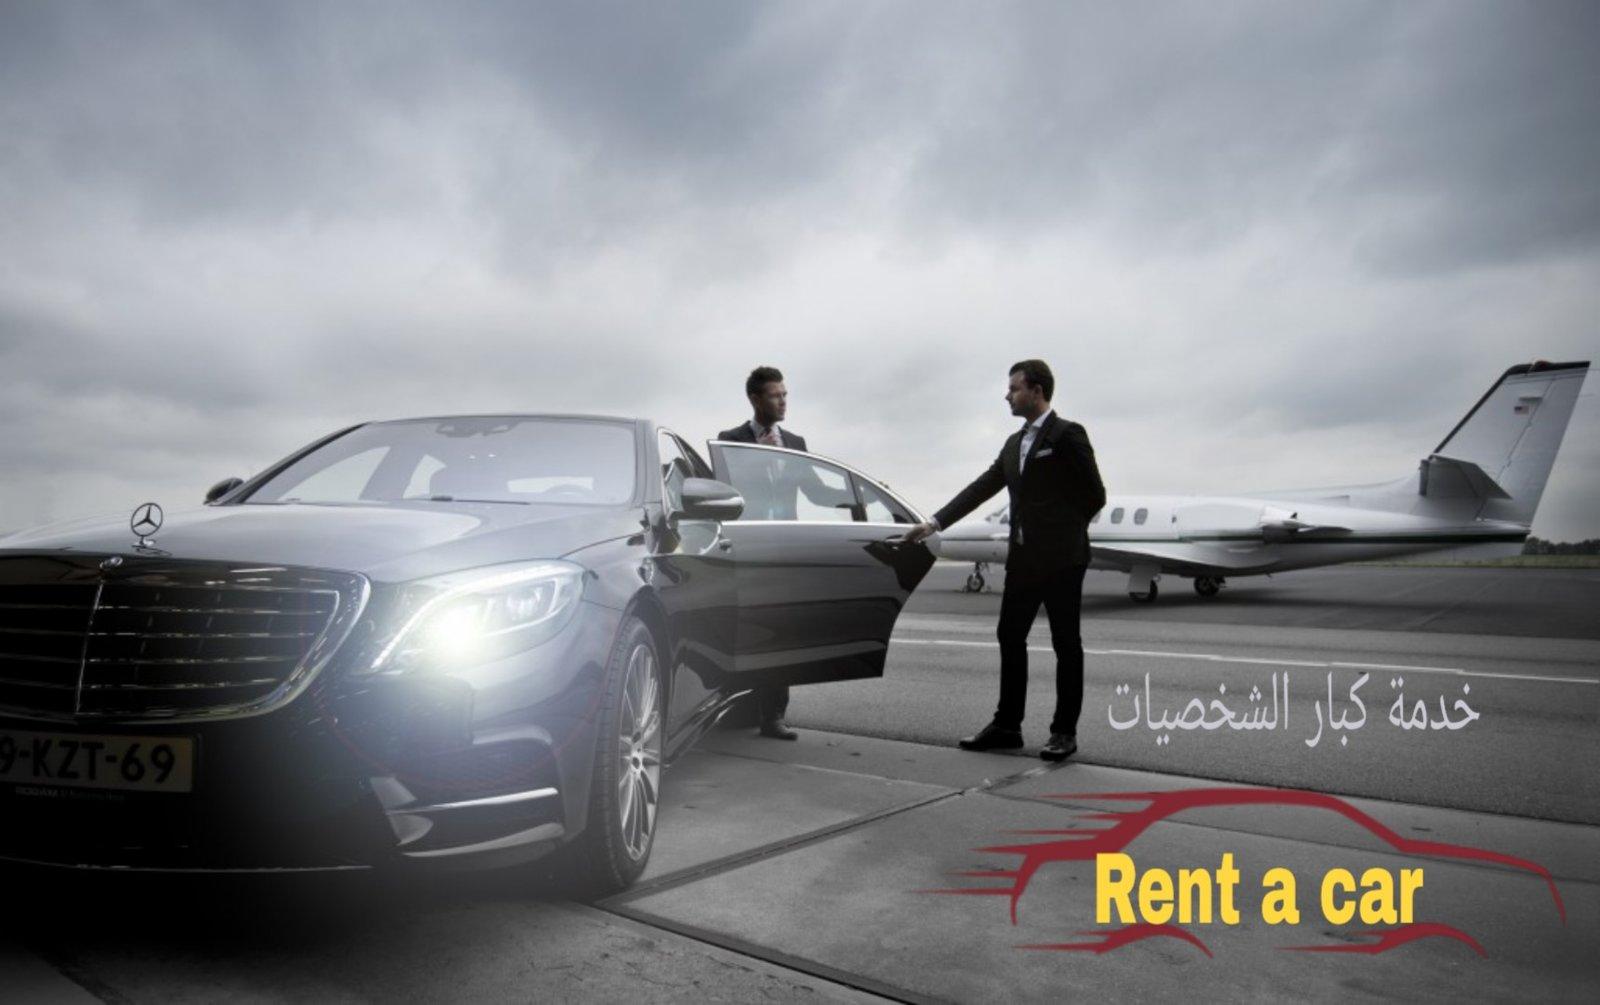 702793 المسافرون العرب rent car casablanca عرض خاص تأجير سيارت في المغرب